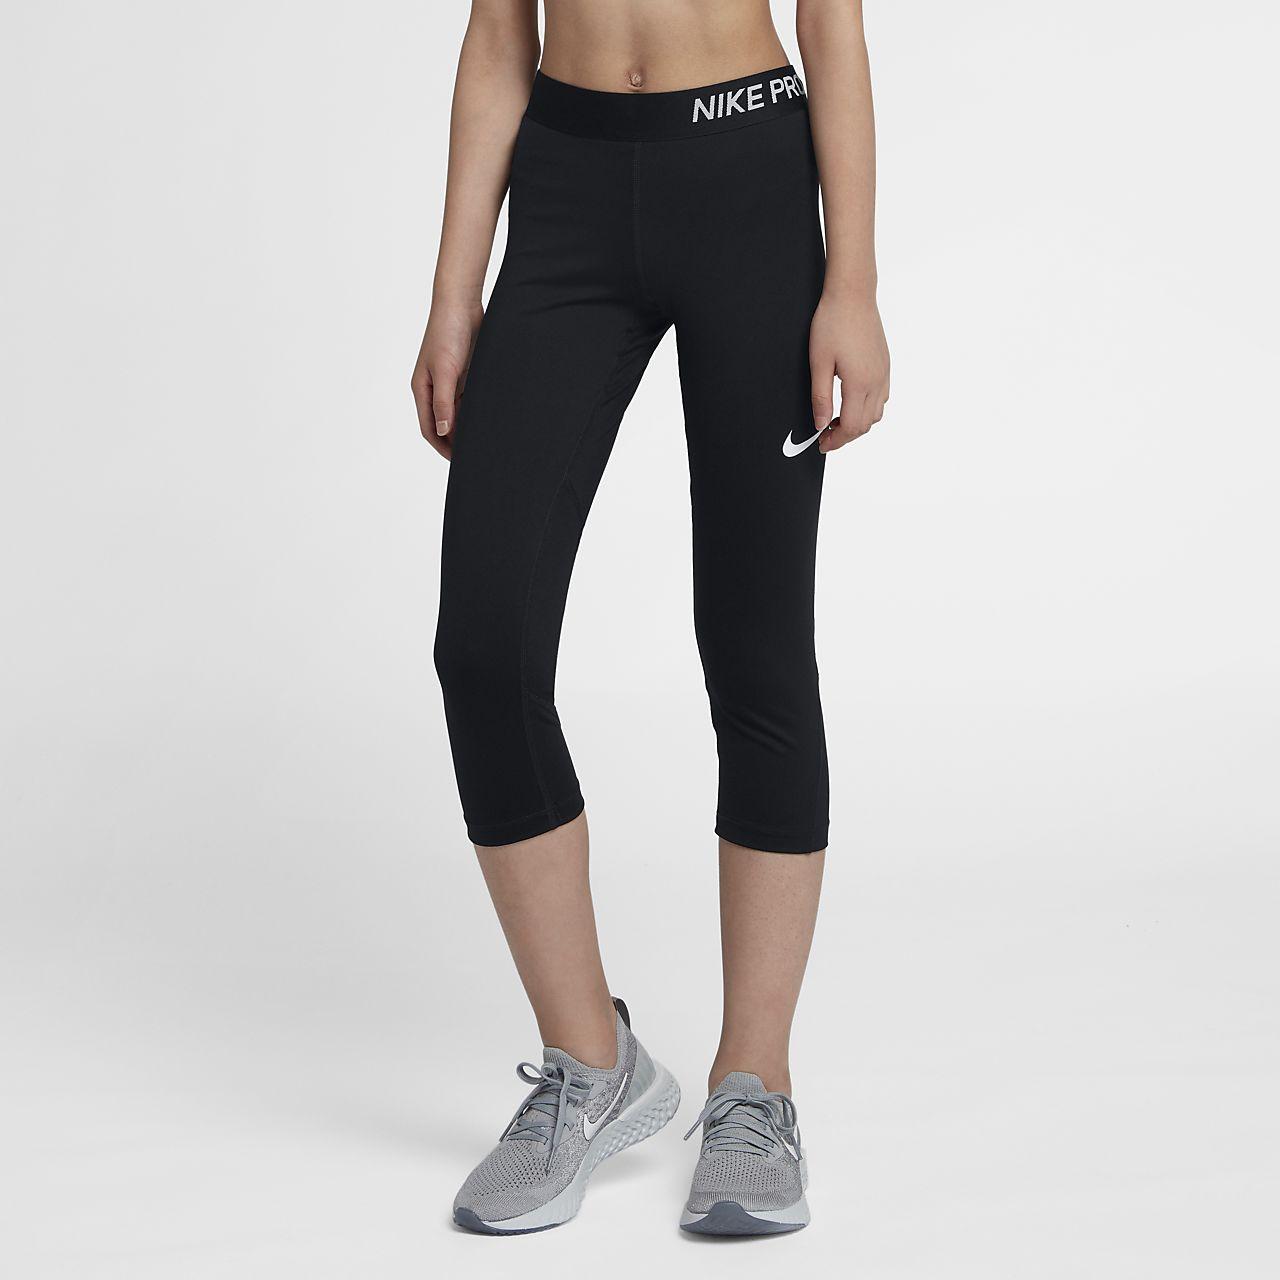 Corsaire de training Nike Pro pour Fille plus âgée